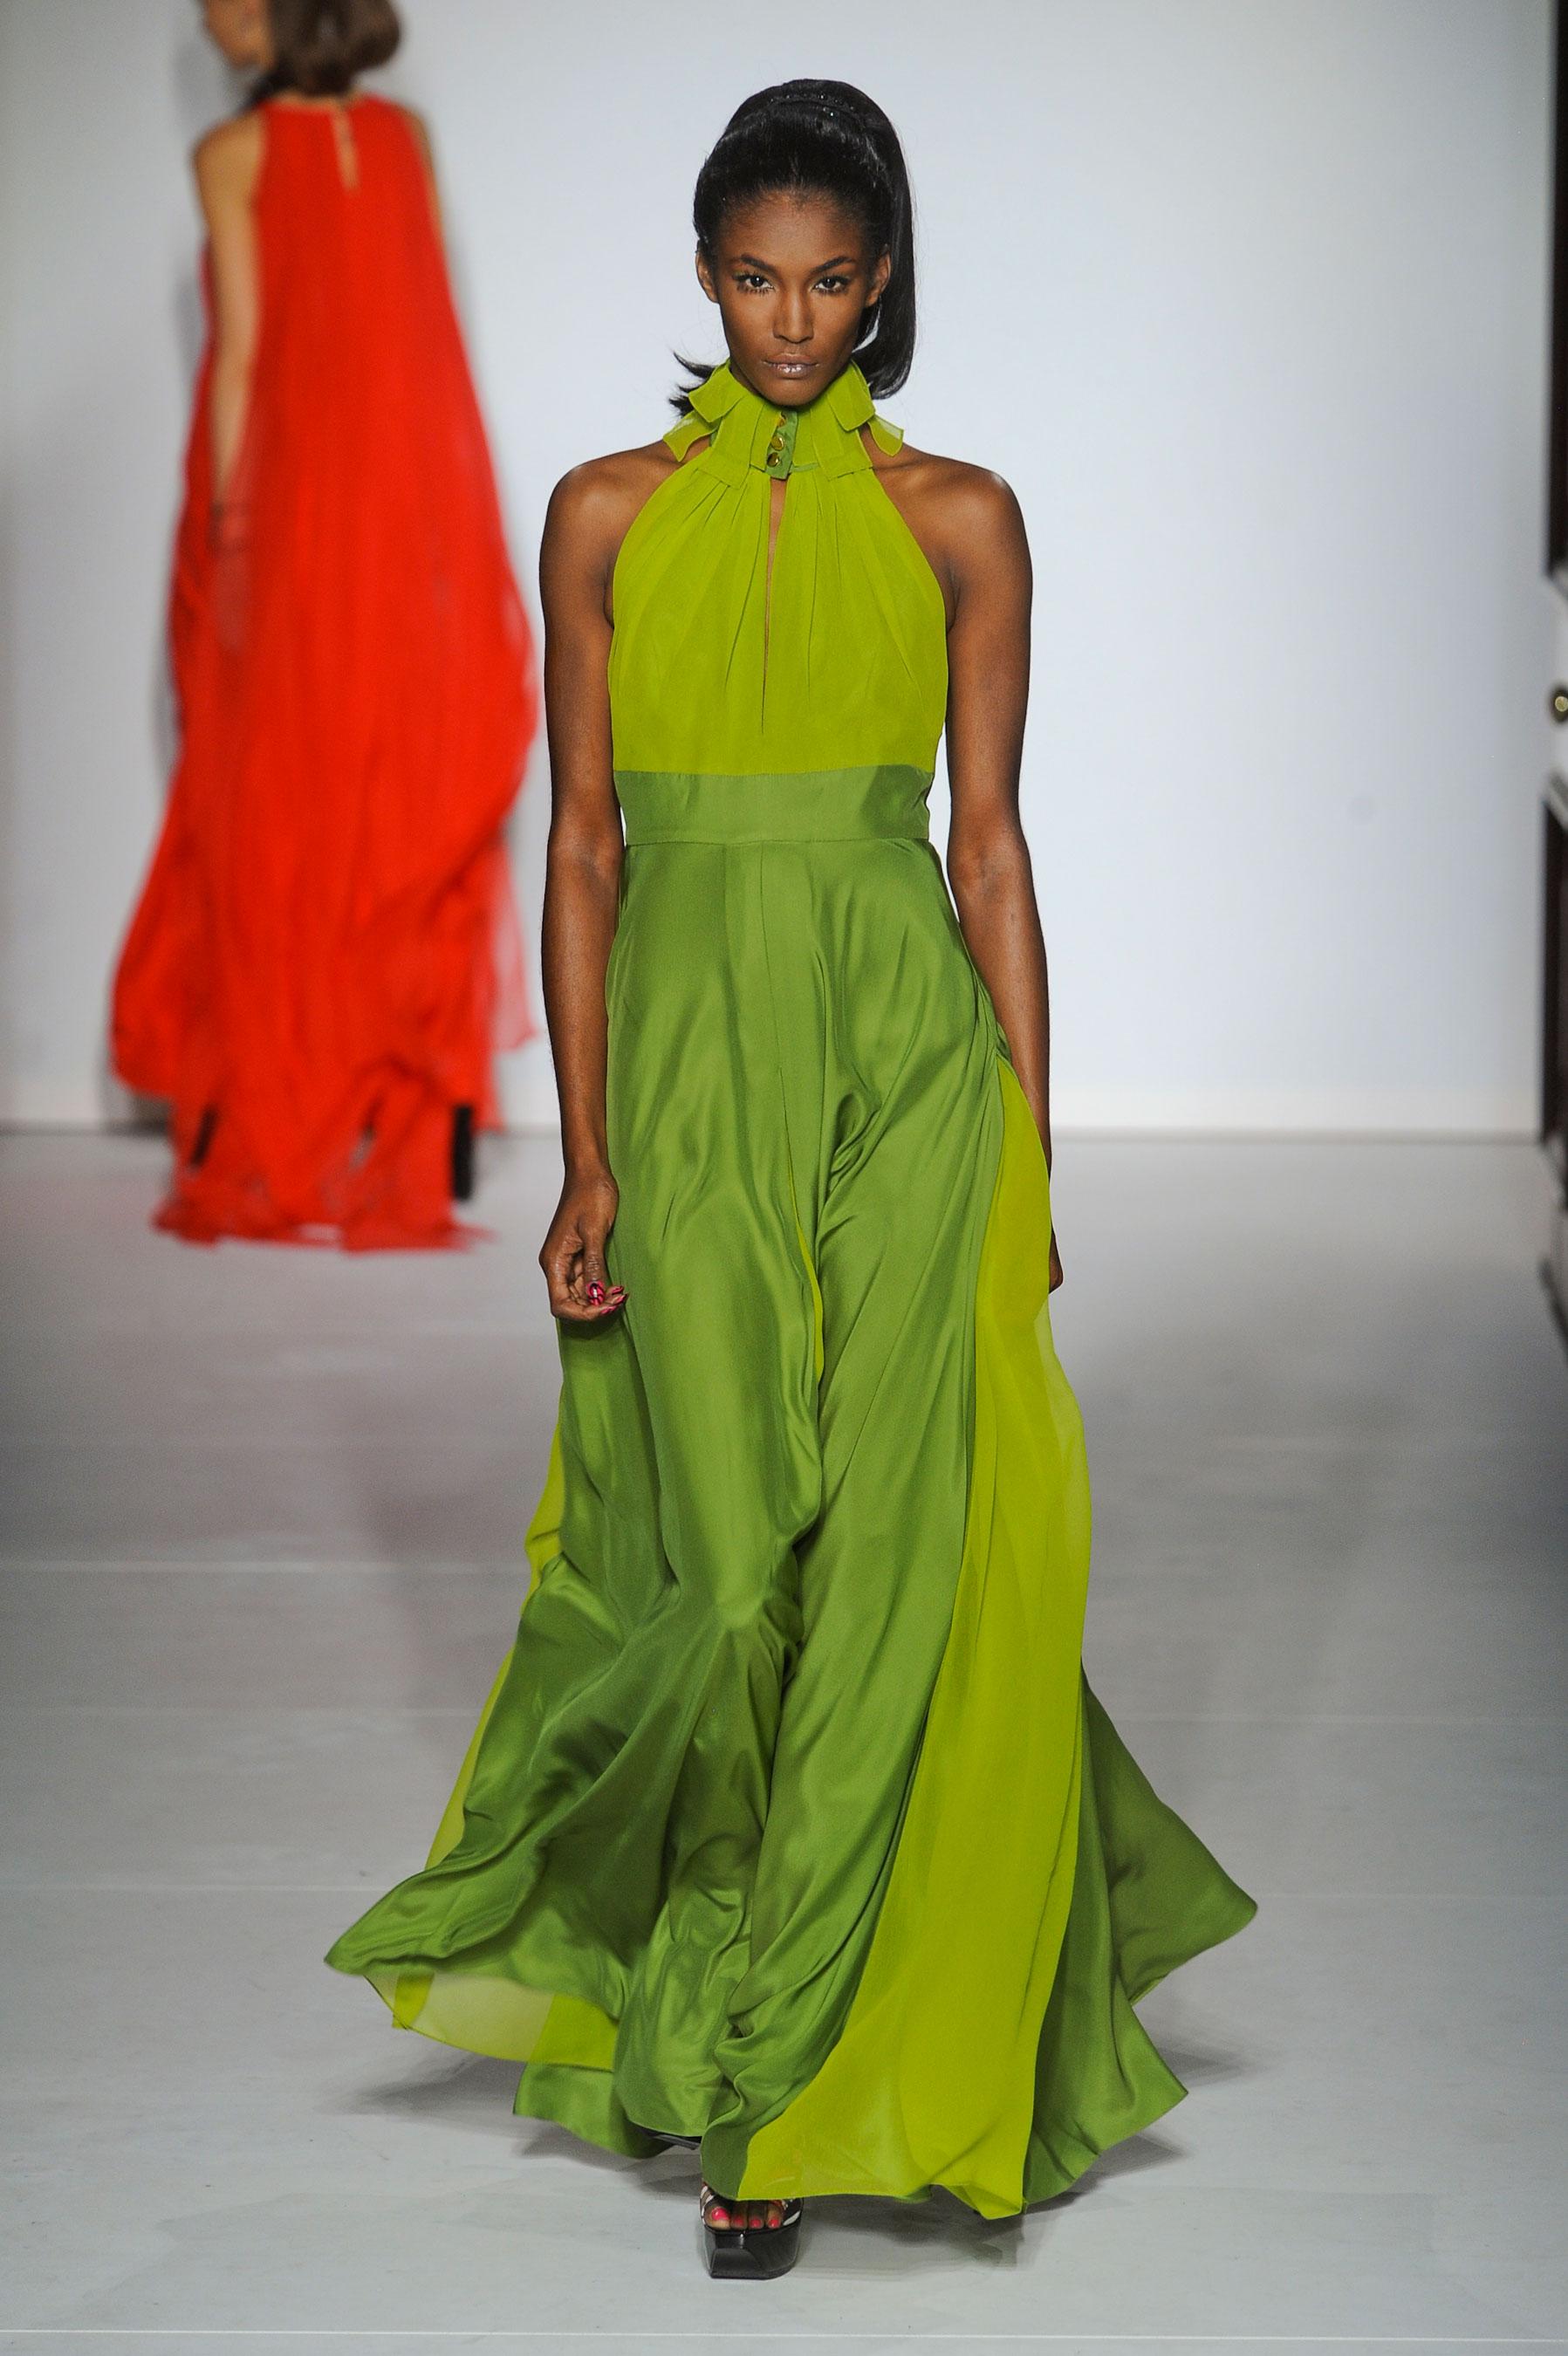 2013春夏伦敦时装周PPQ秀场,轻盈的雪纺质地配以纯色、条纹、印花3个系列,春意盎然,实为摩登女性的实穿之选。